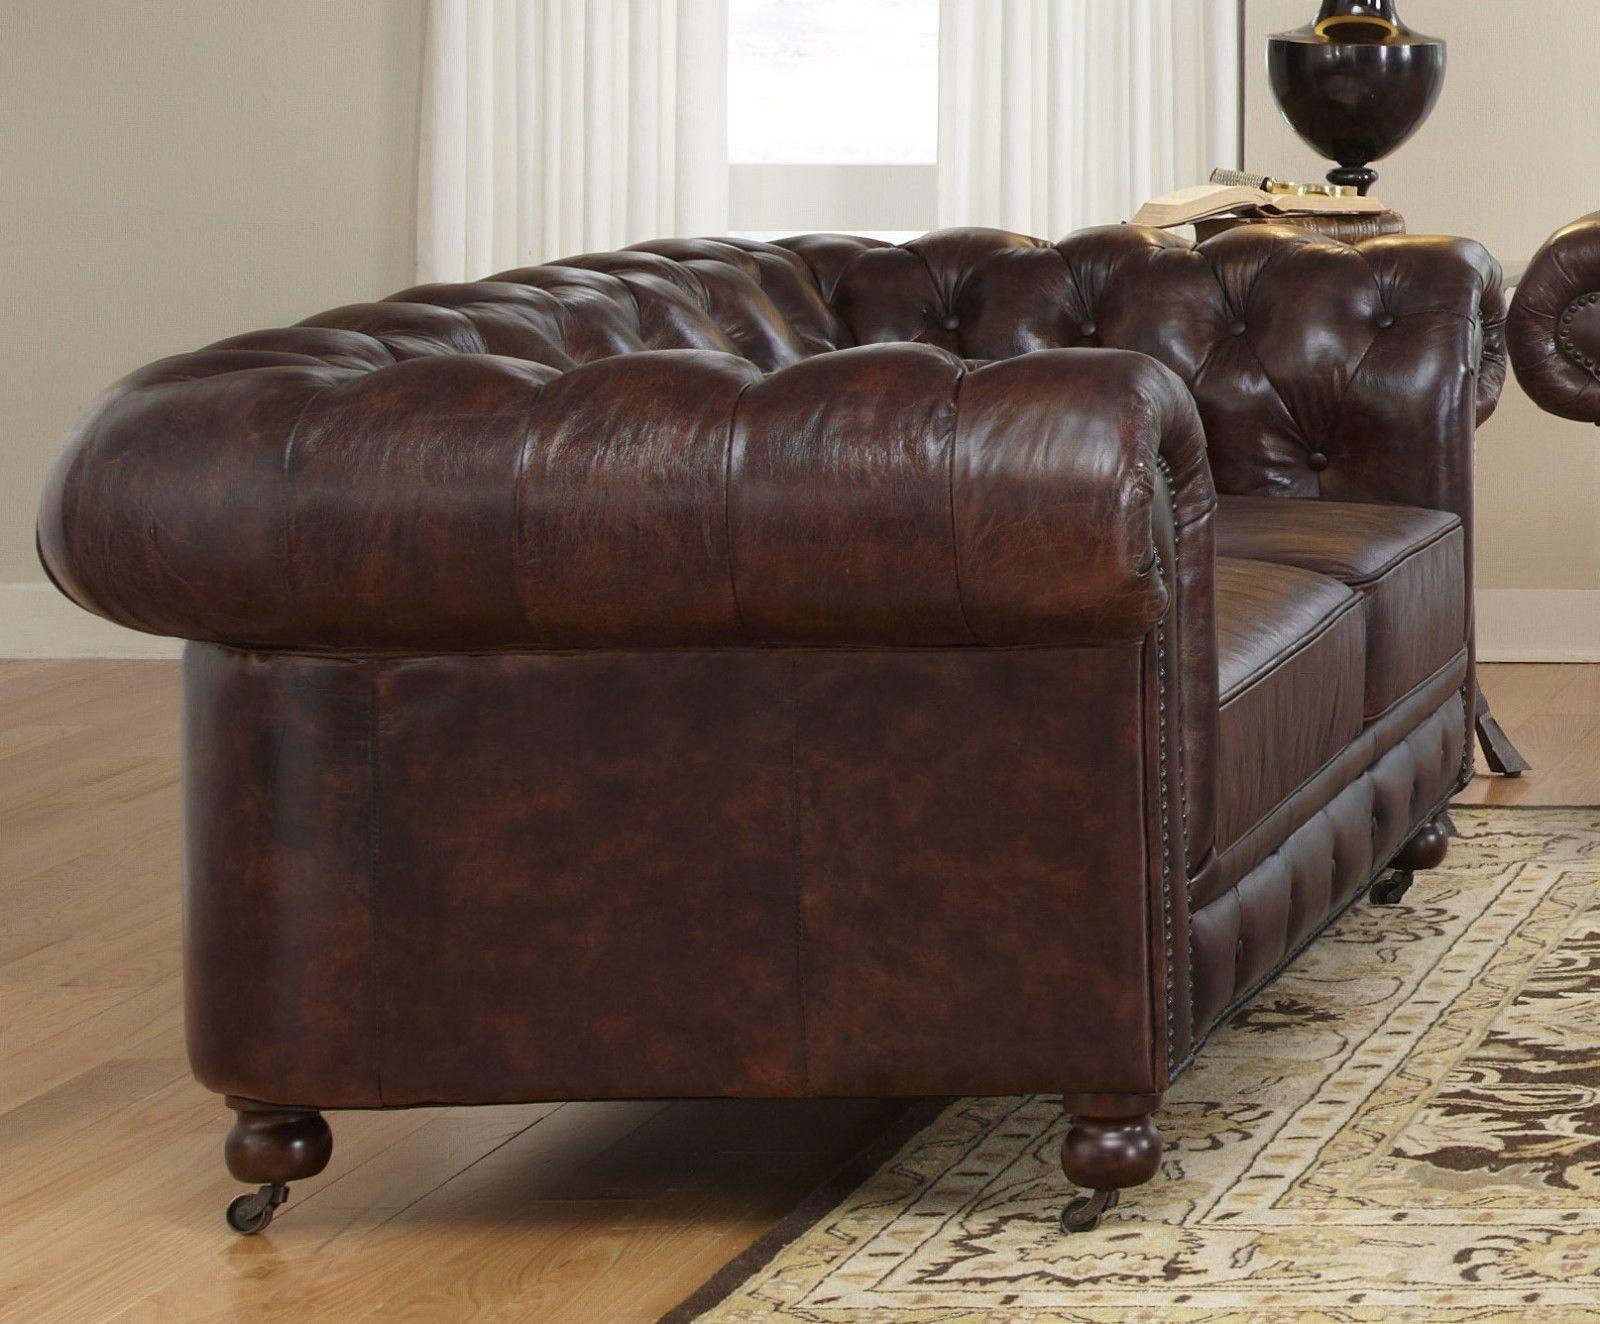 chesterfield sofagarnitur ledersofa textil stoff polster. Black Bedroom Furniture Sets. Home Design Ideas